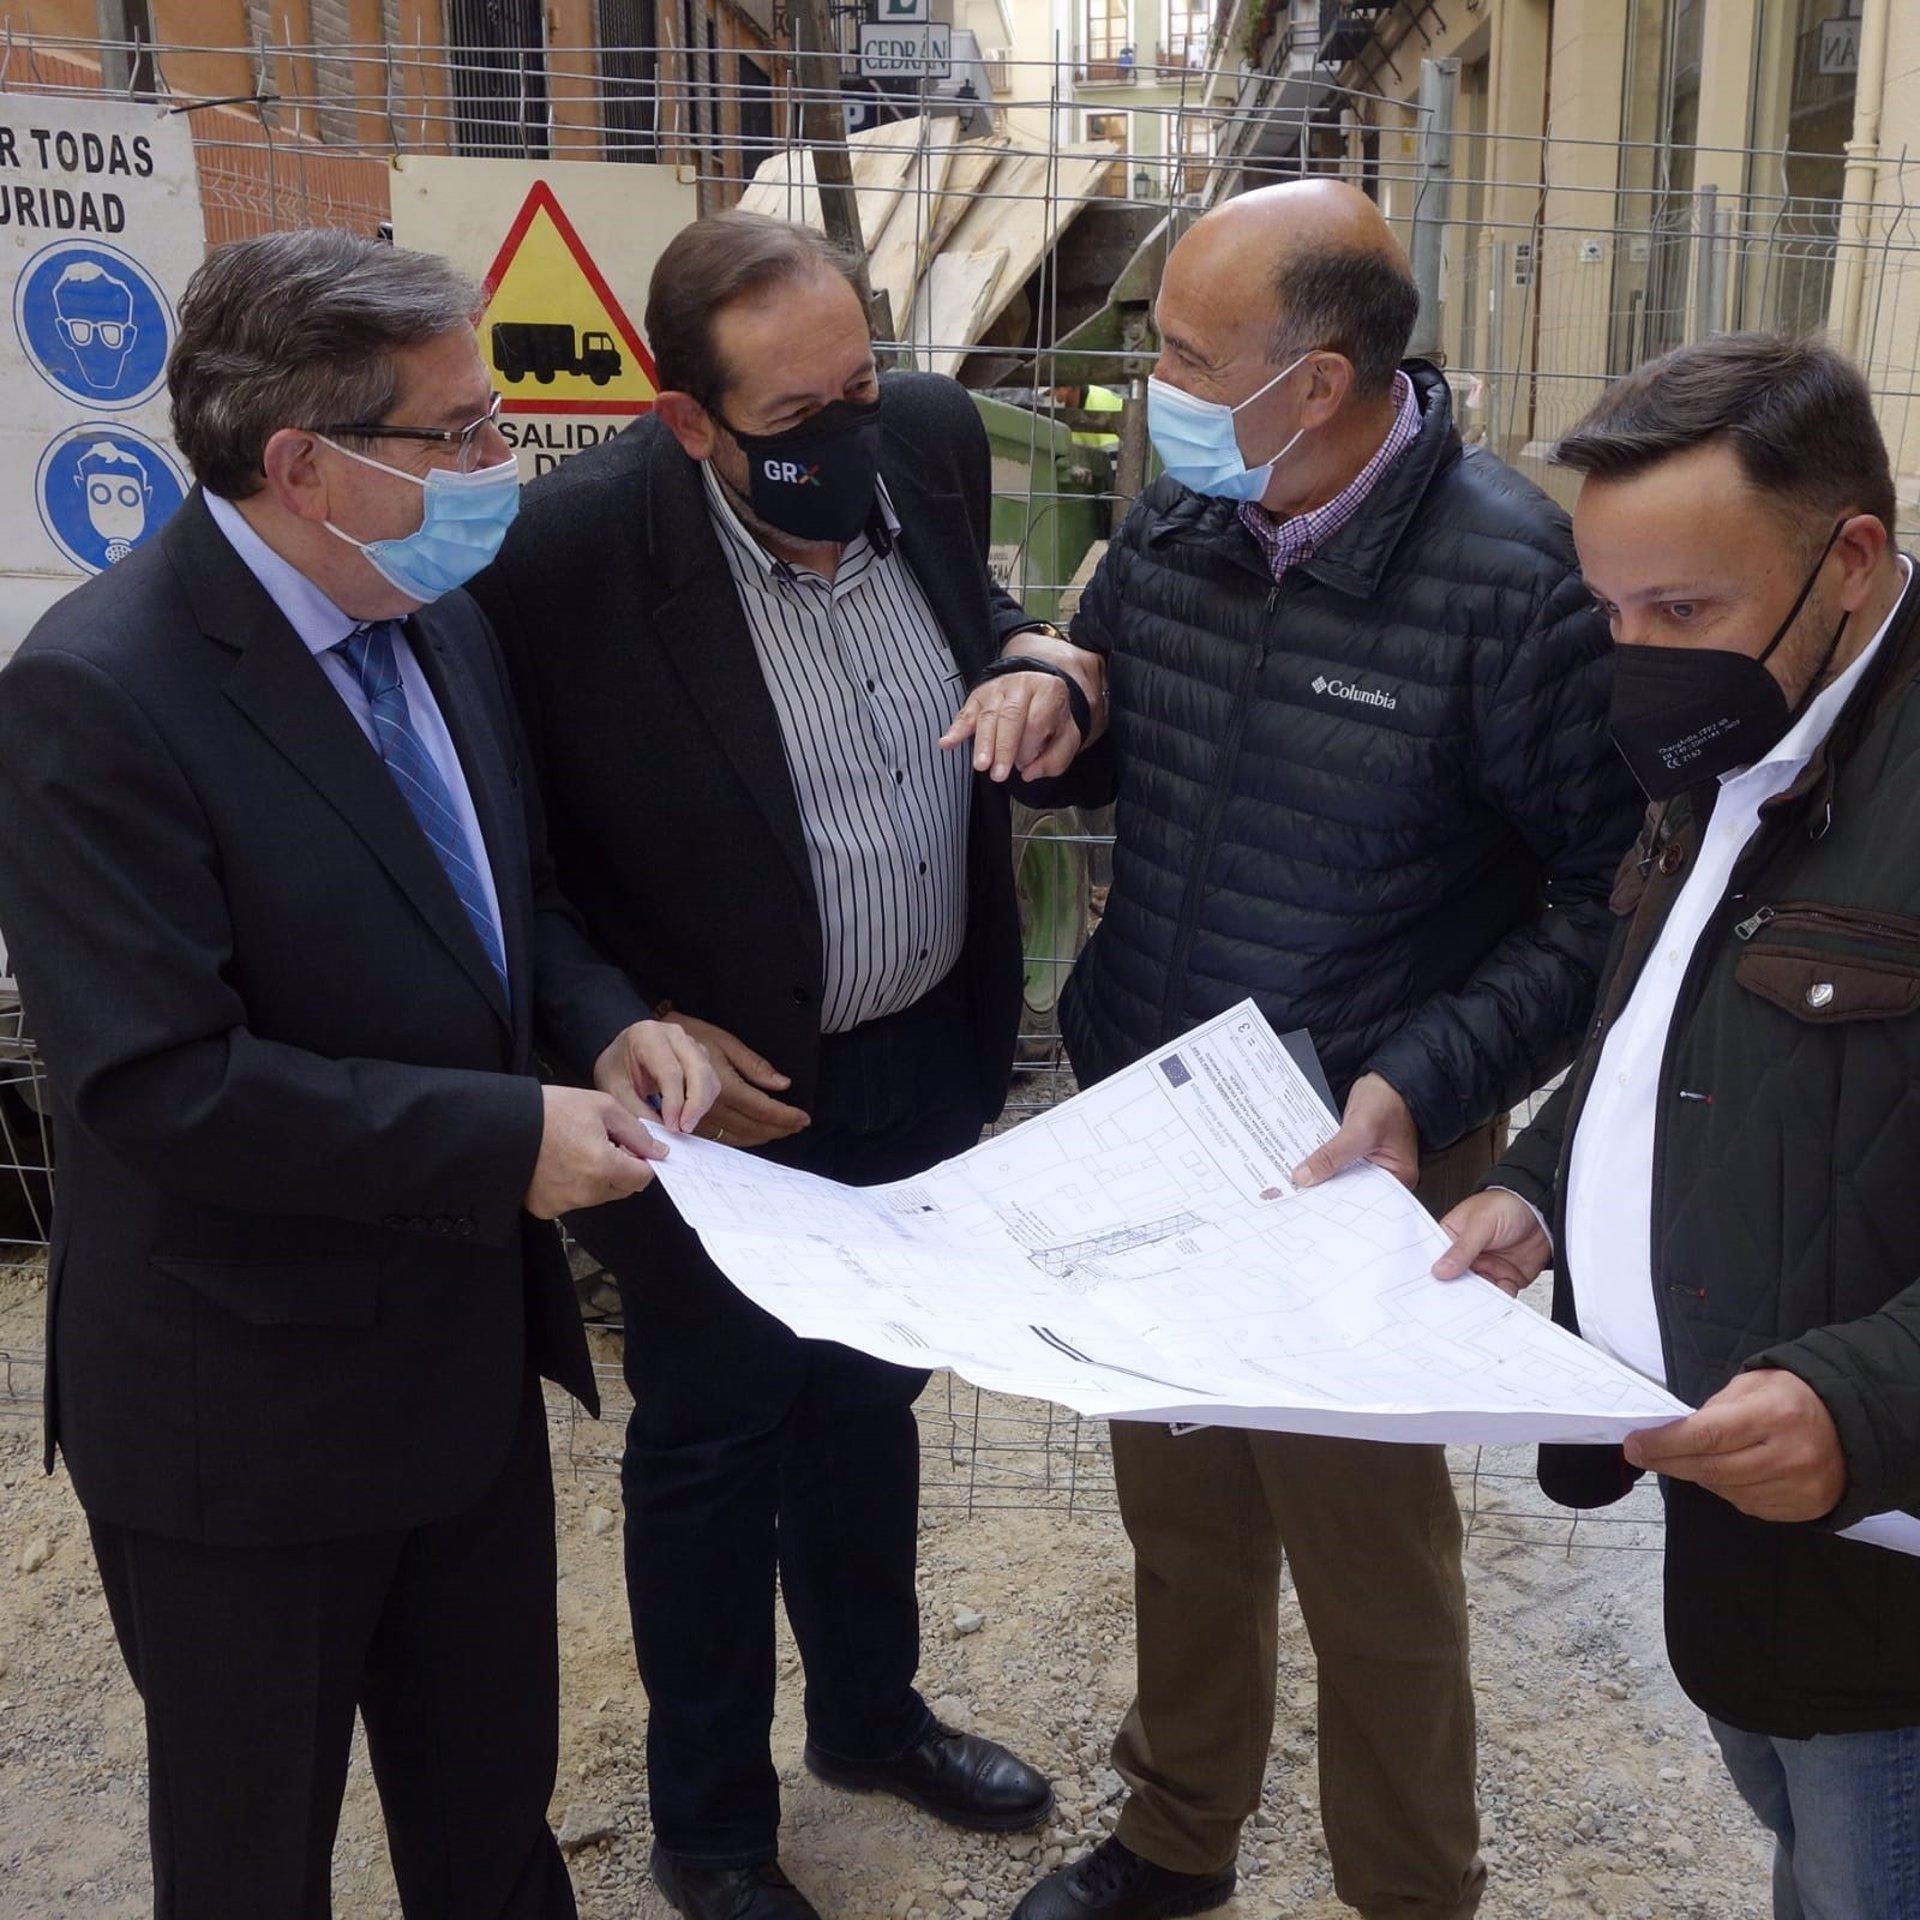 Urbanismo intervendrá en varias calles del Bajo Albaicín, y zona de Calle Elvira